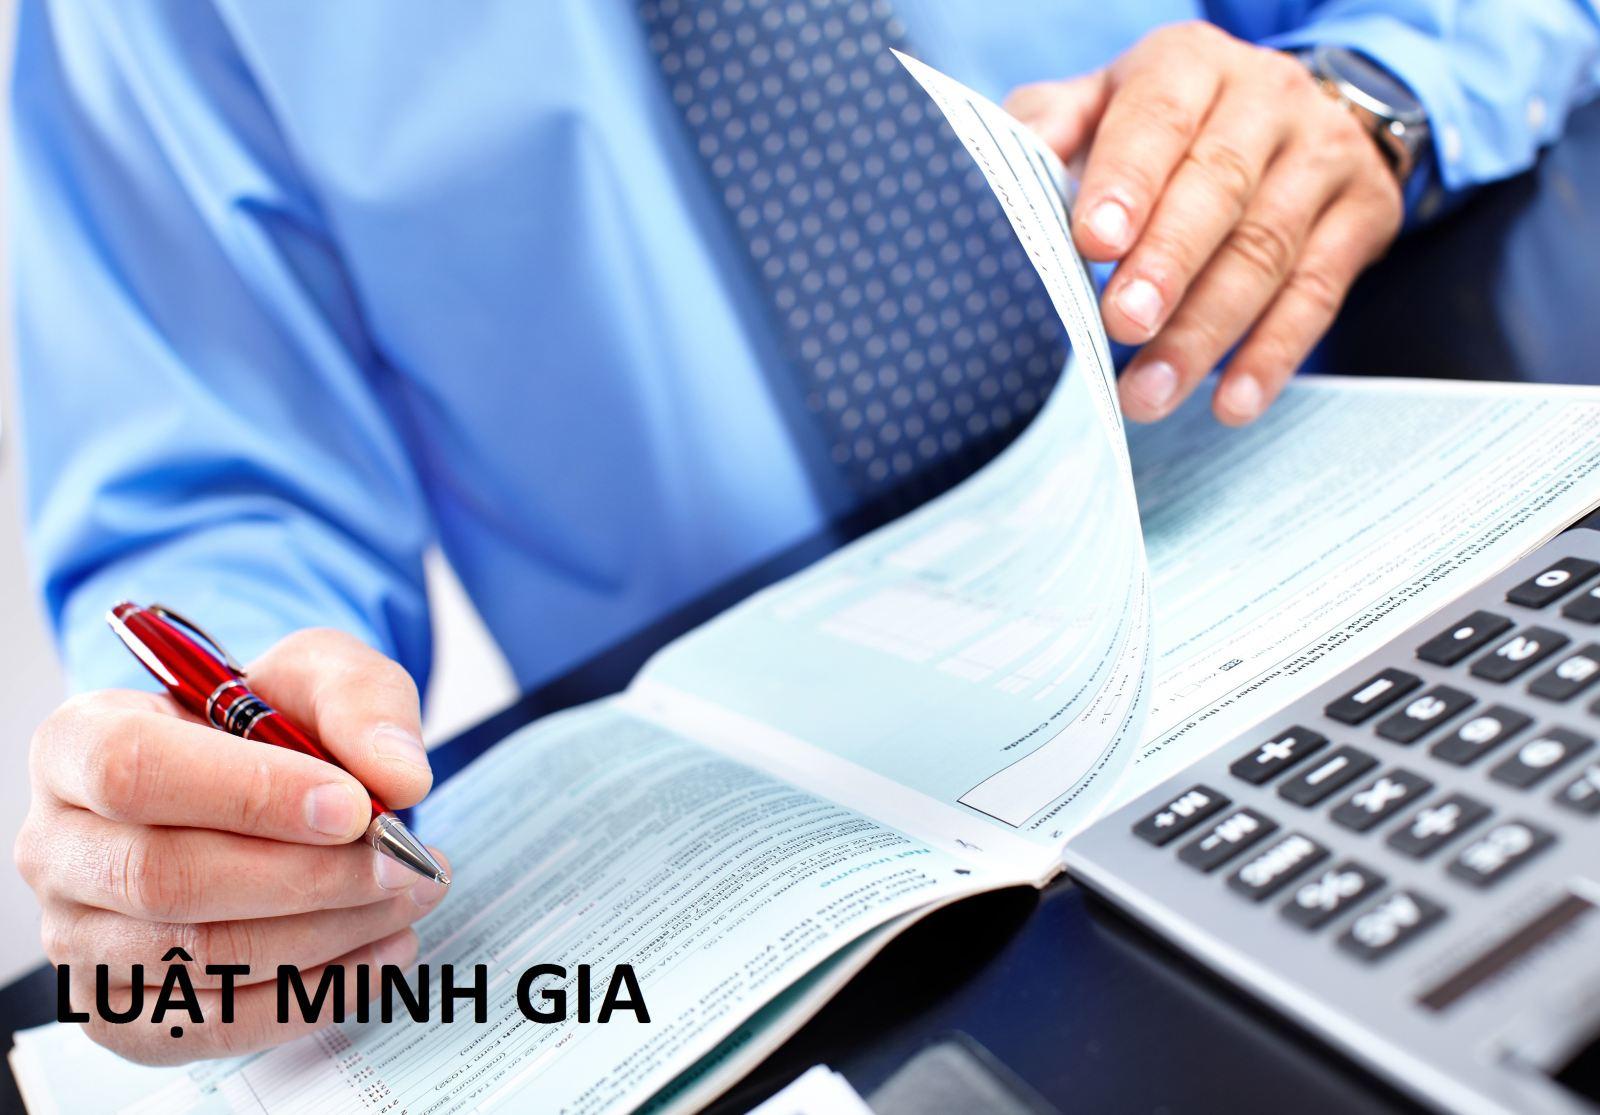 Tư vấn về hợp đồng lao động và bồi thường chi phí đào tạo